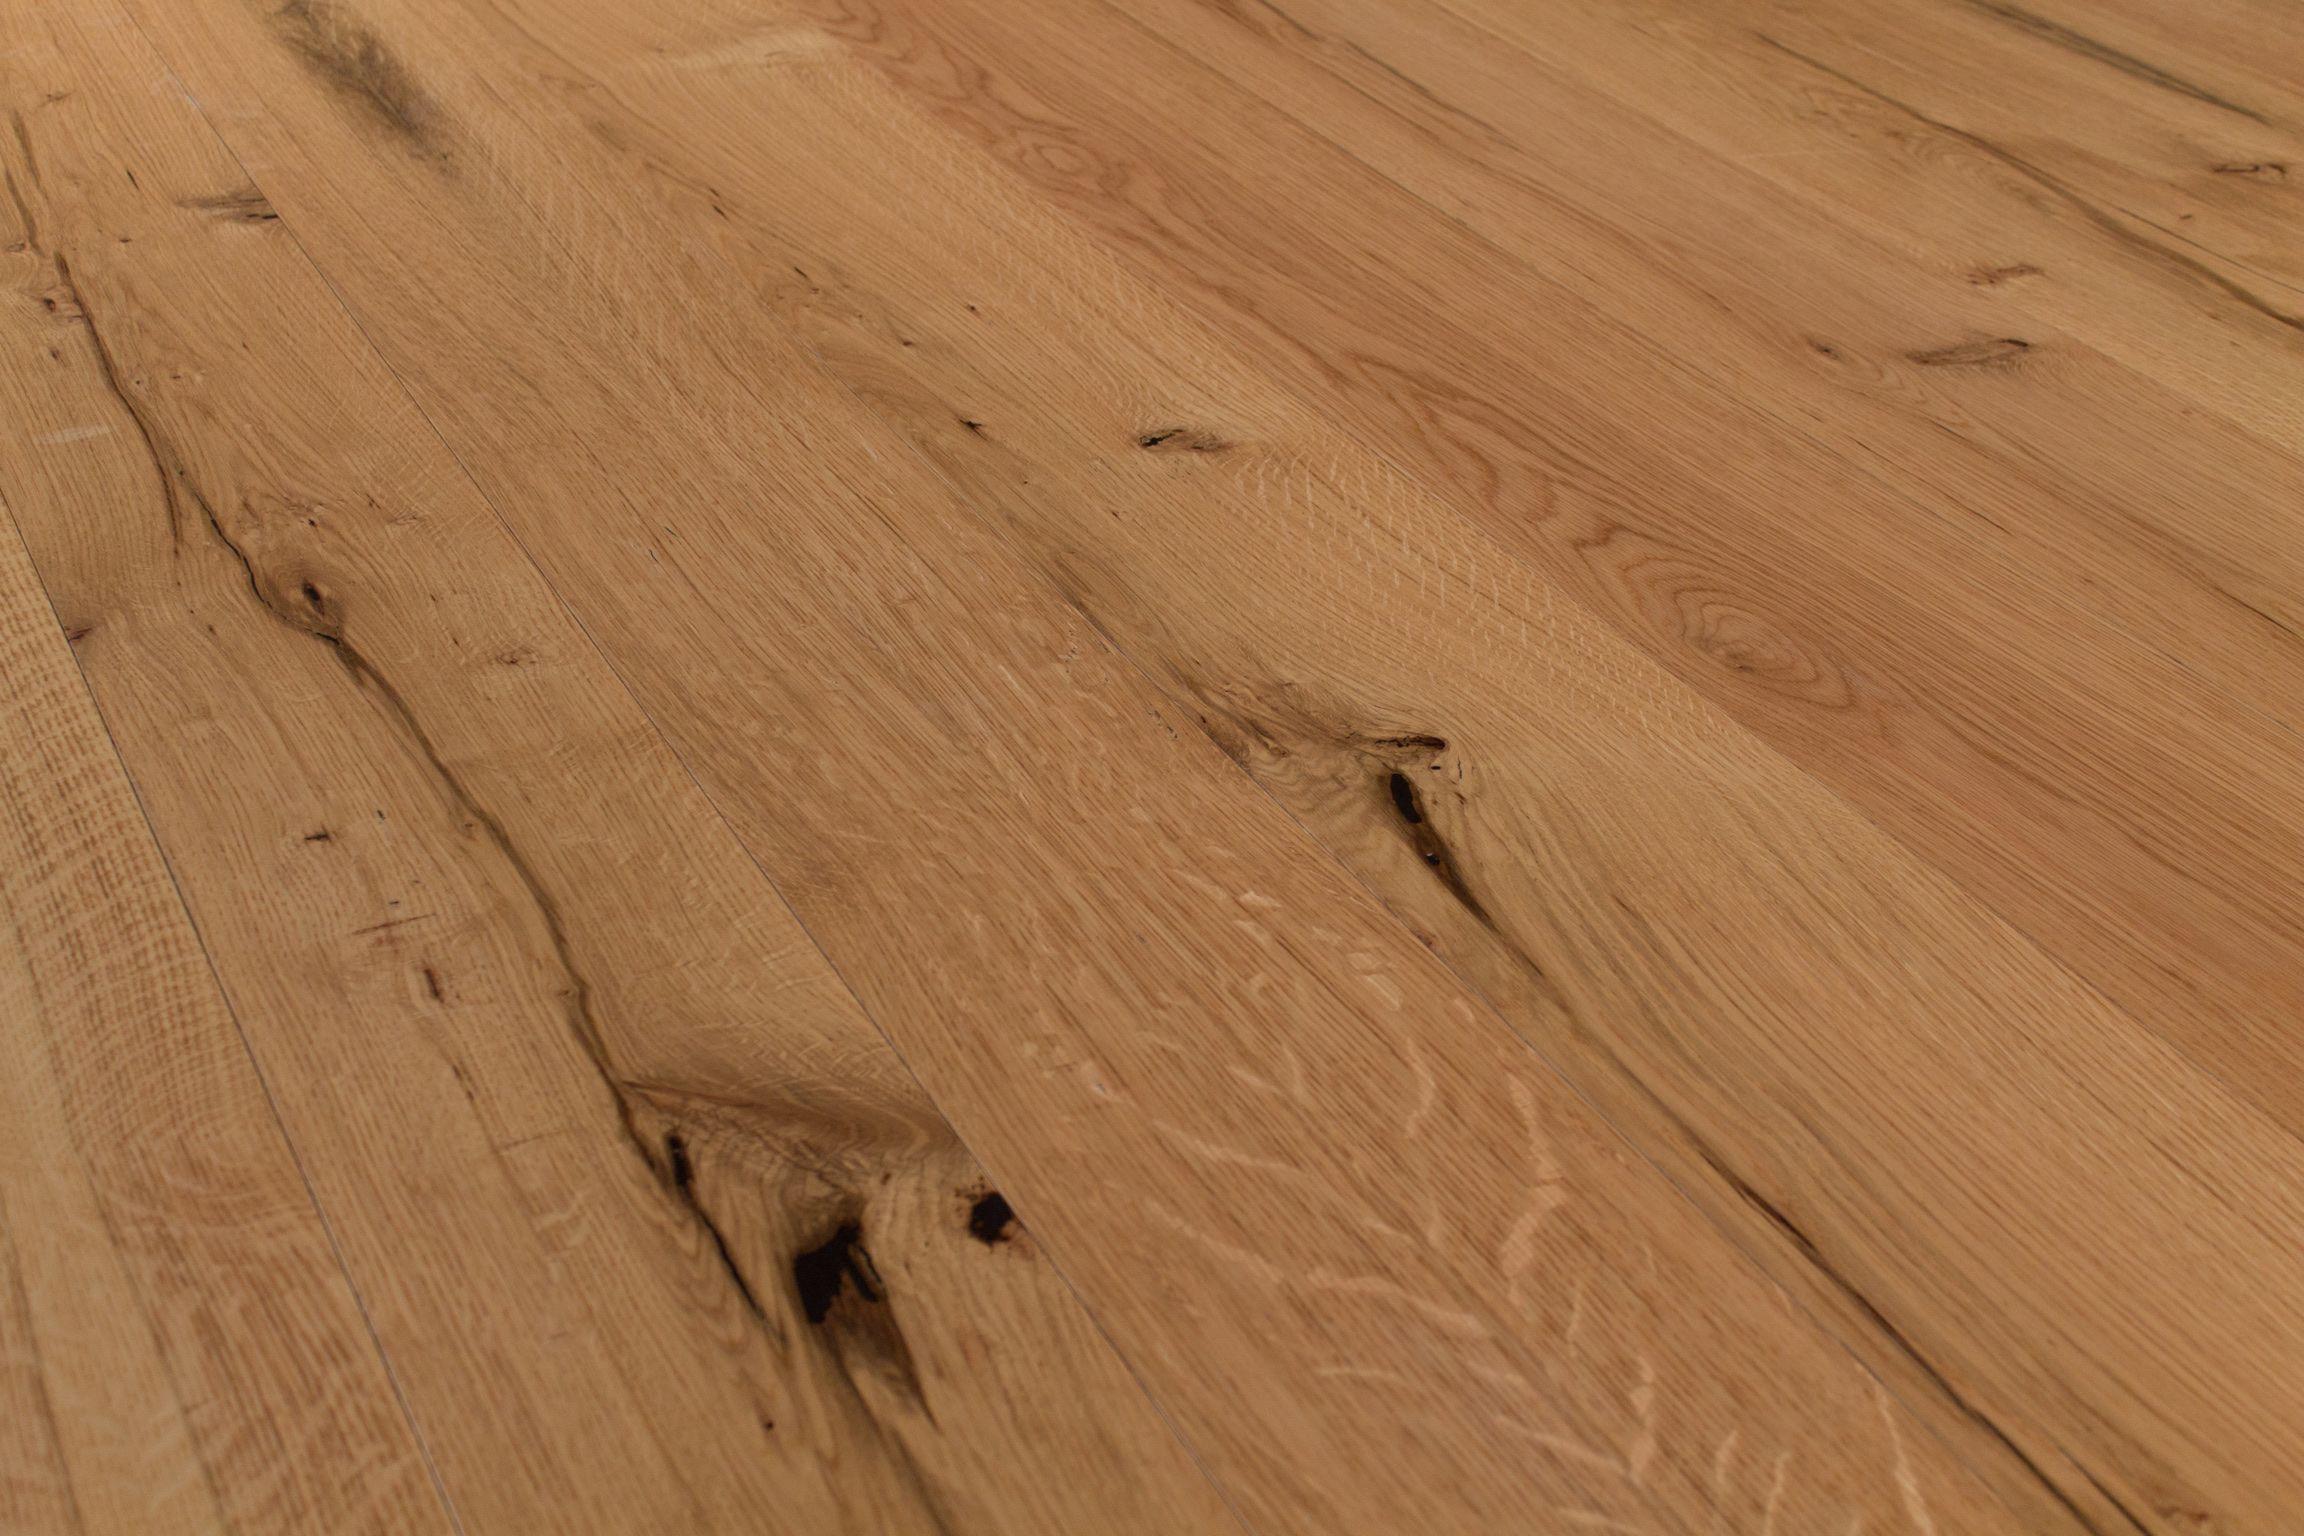 wide plank white oak hardwood flooring of wide plank hardwood flooring raglan walnut floor plan ideas in wide plank hardwood flooring wide plank natural white oak hdf hardwood flooring